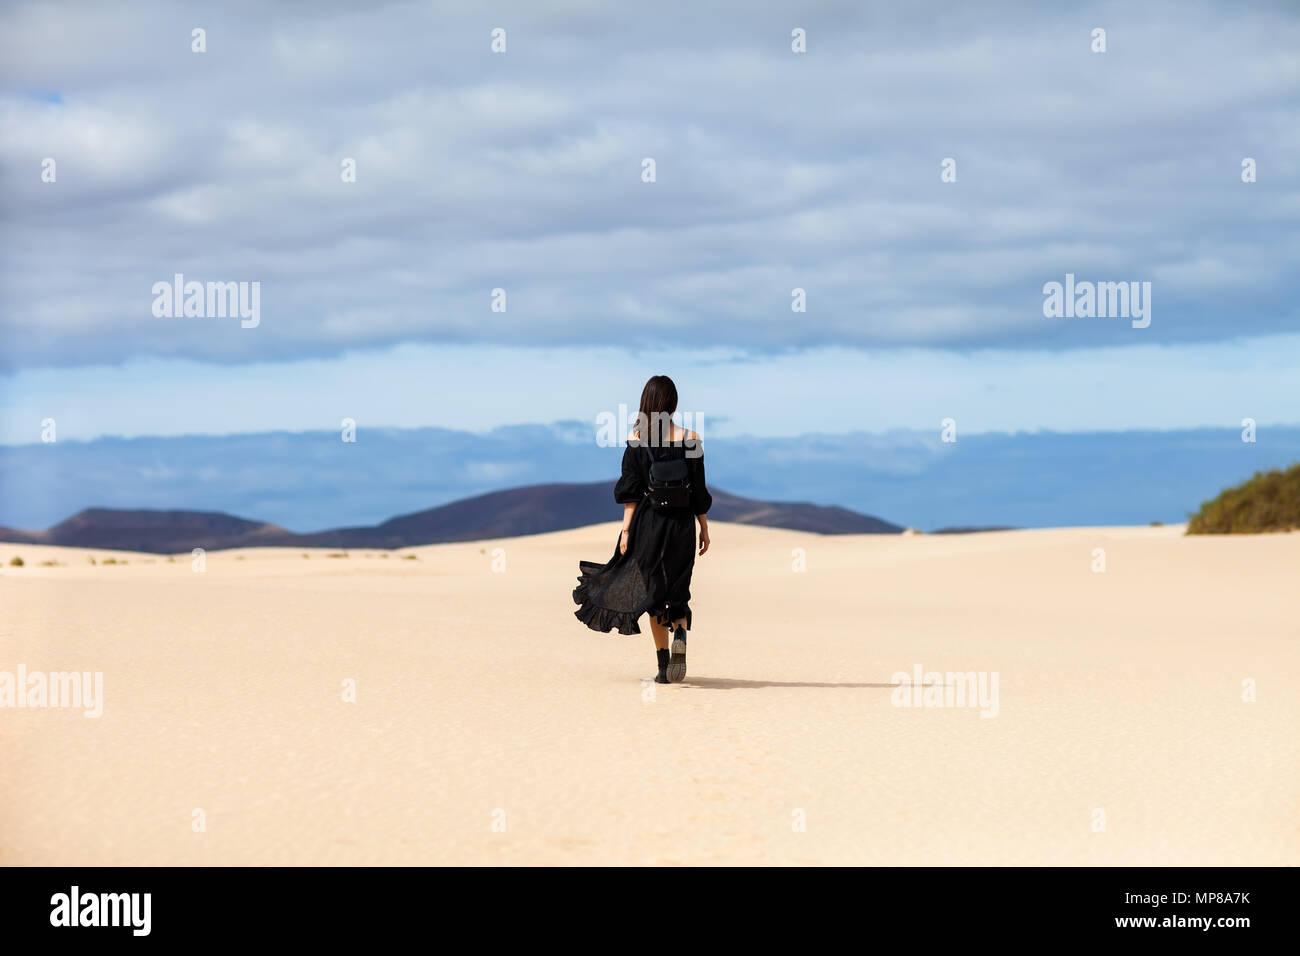 Portrait de femme seule s'éloigne dans le désert aux Canaries. Concept de voyage Photo Stock